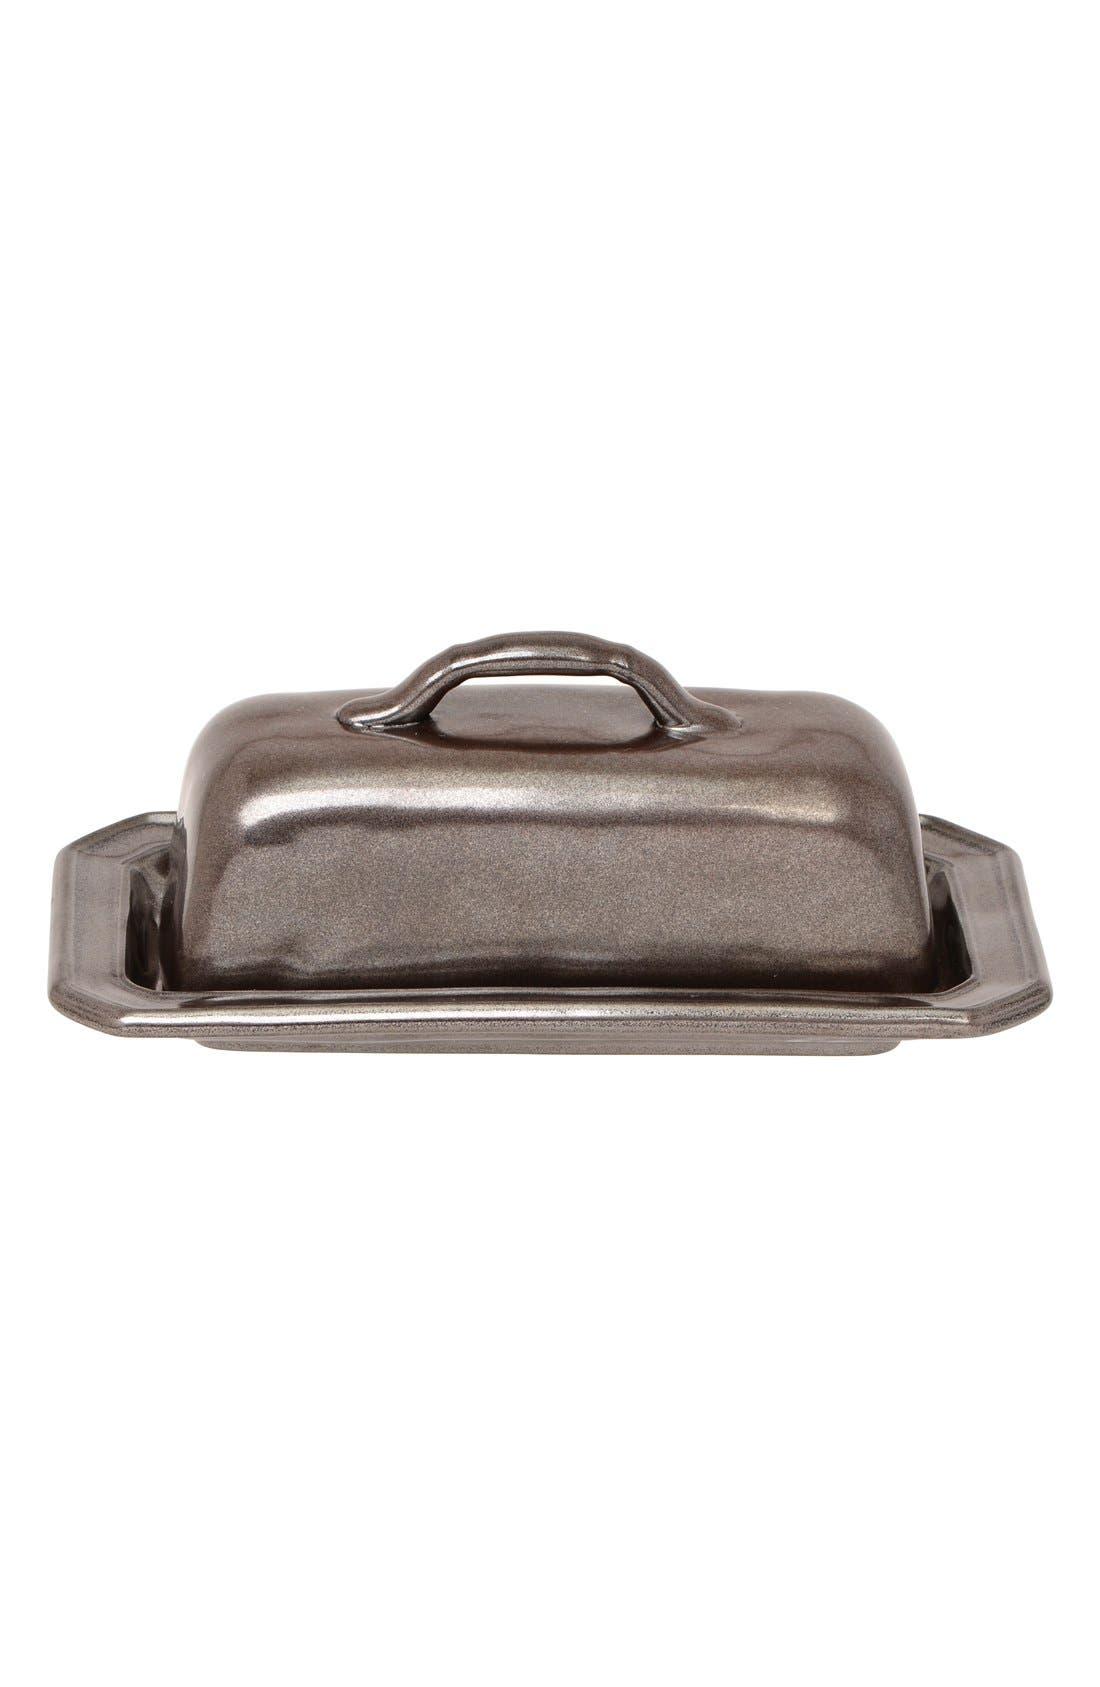 Main Image - JuliskaPewter Stoneware Butter Dish